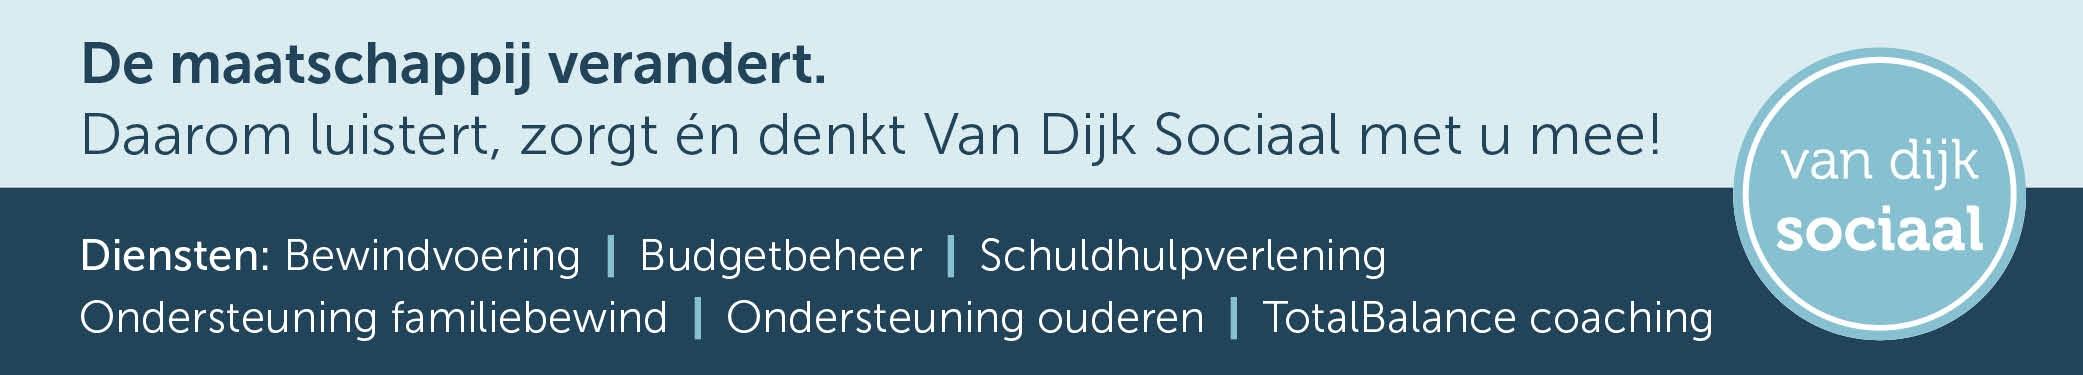 Van Dijk Sociaal